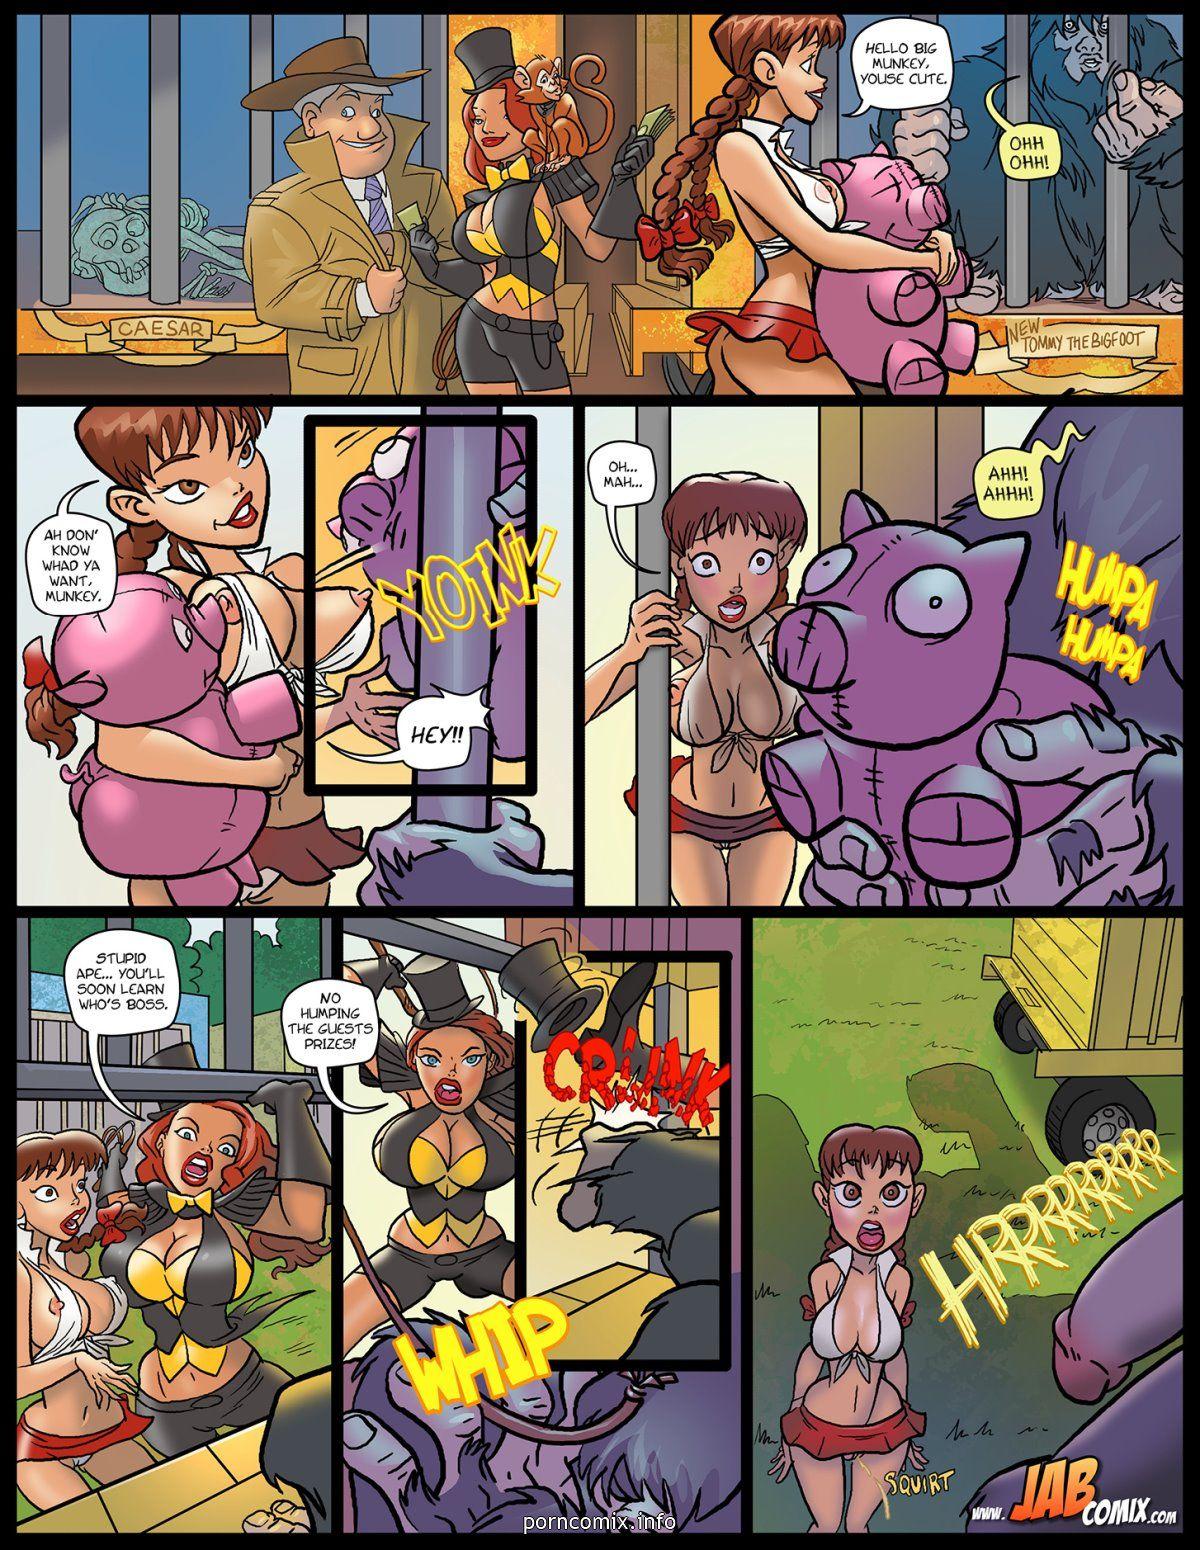 Farm Lessons Jab Comics Simple jab comix - farm lessons 18 - part 2 at cartoonporn.pics